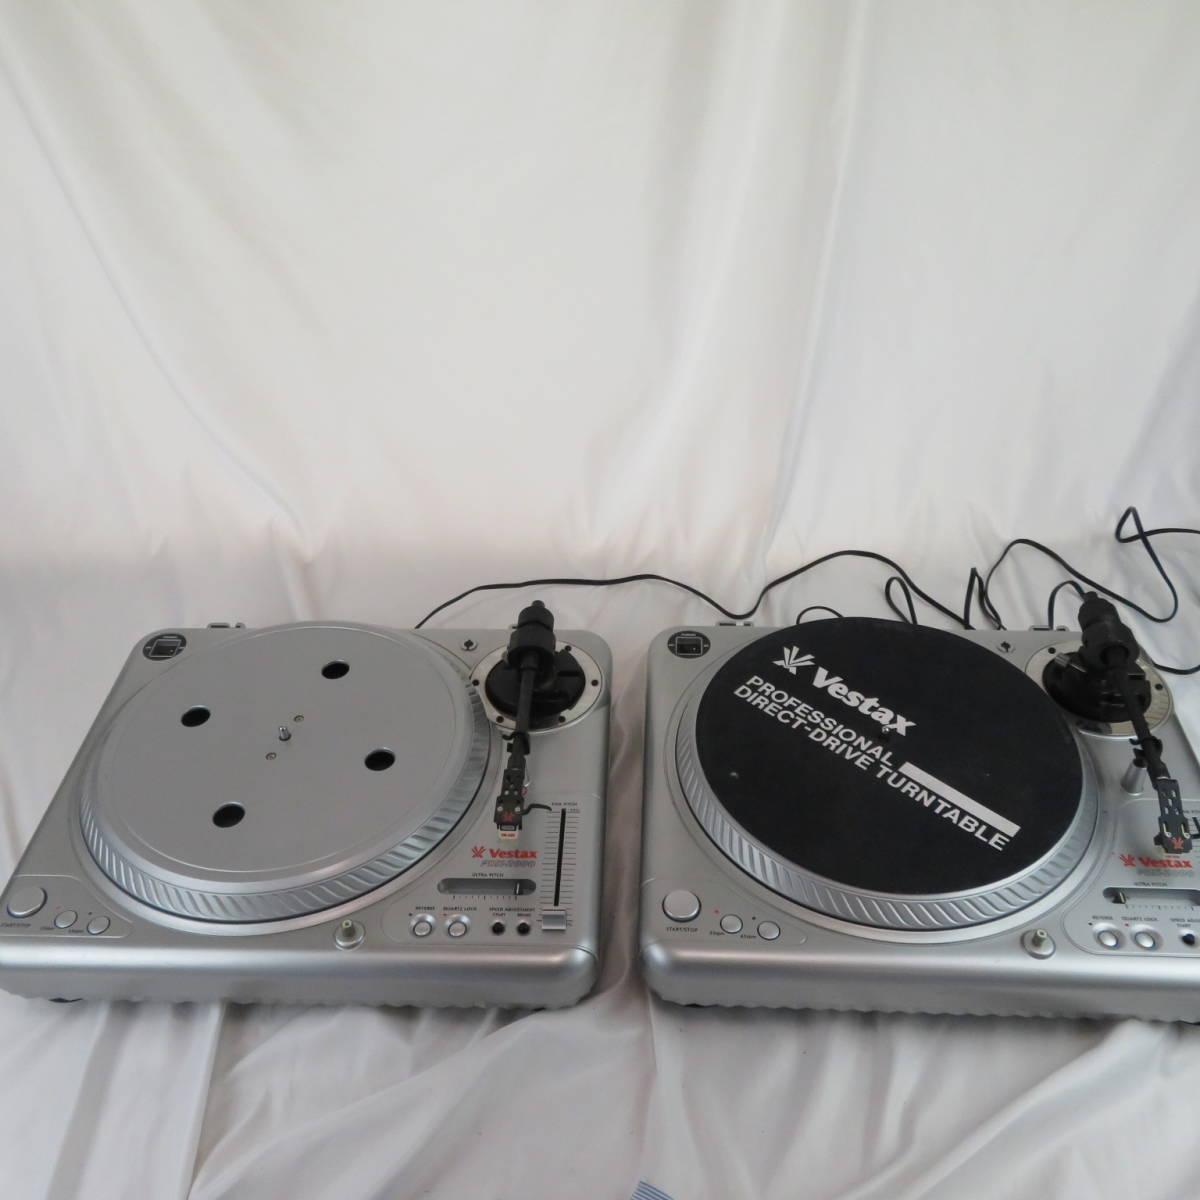 【2点セット】VESTAX pdx-2000 ターンテーブル (20-1084)